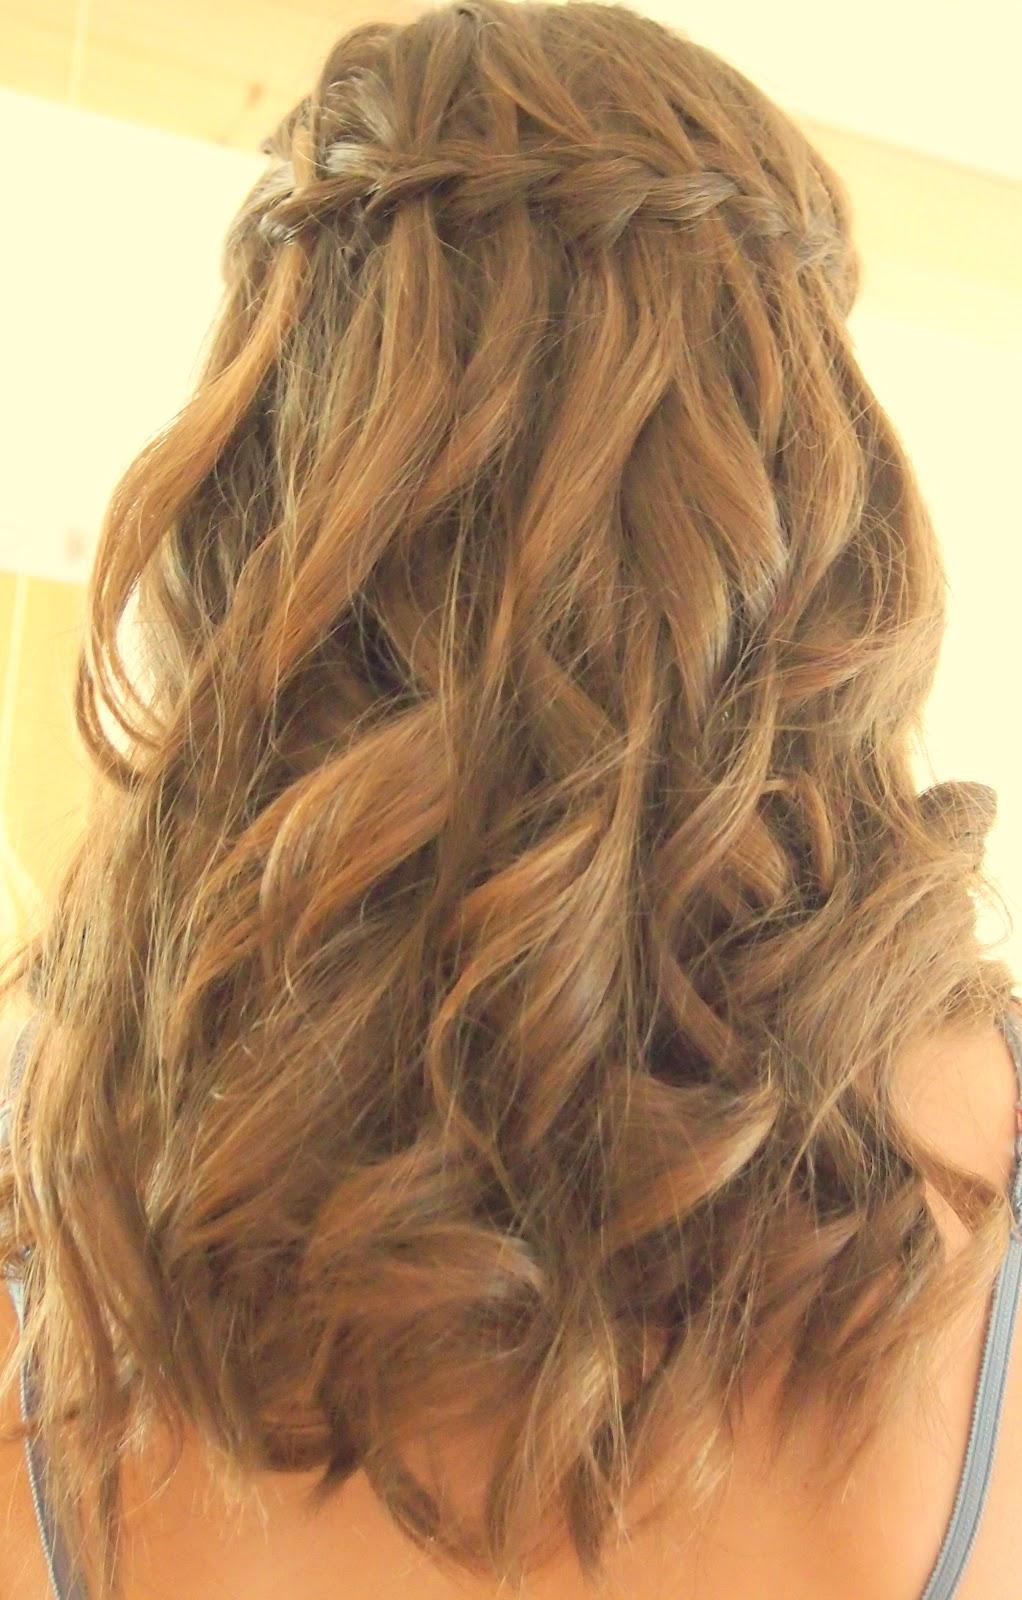 Frisuren Fur Mittellange Haare Zur Konfirmation – Trendige